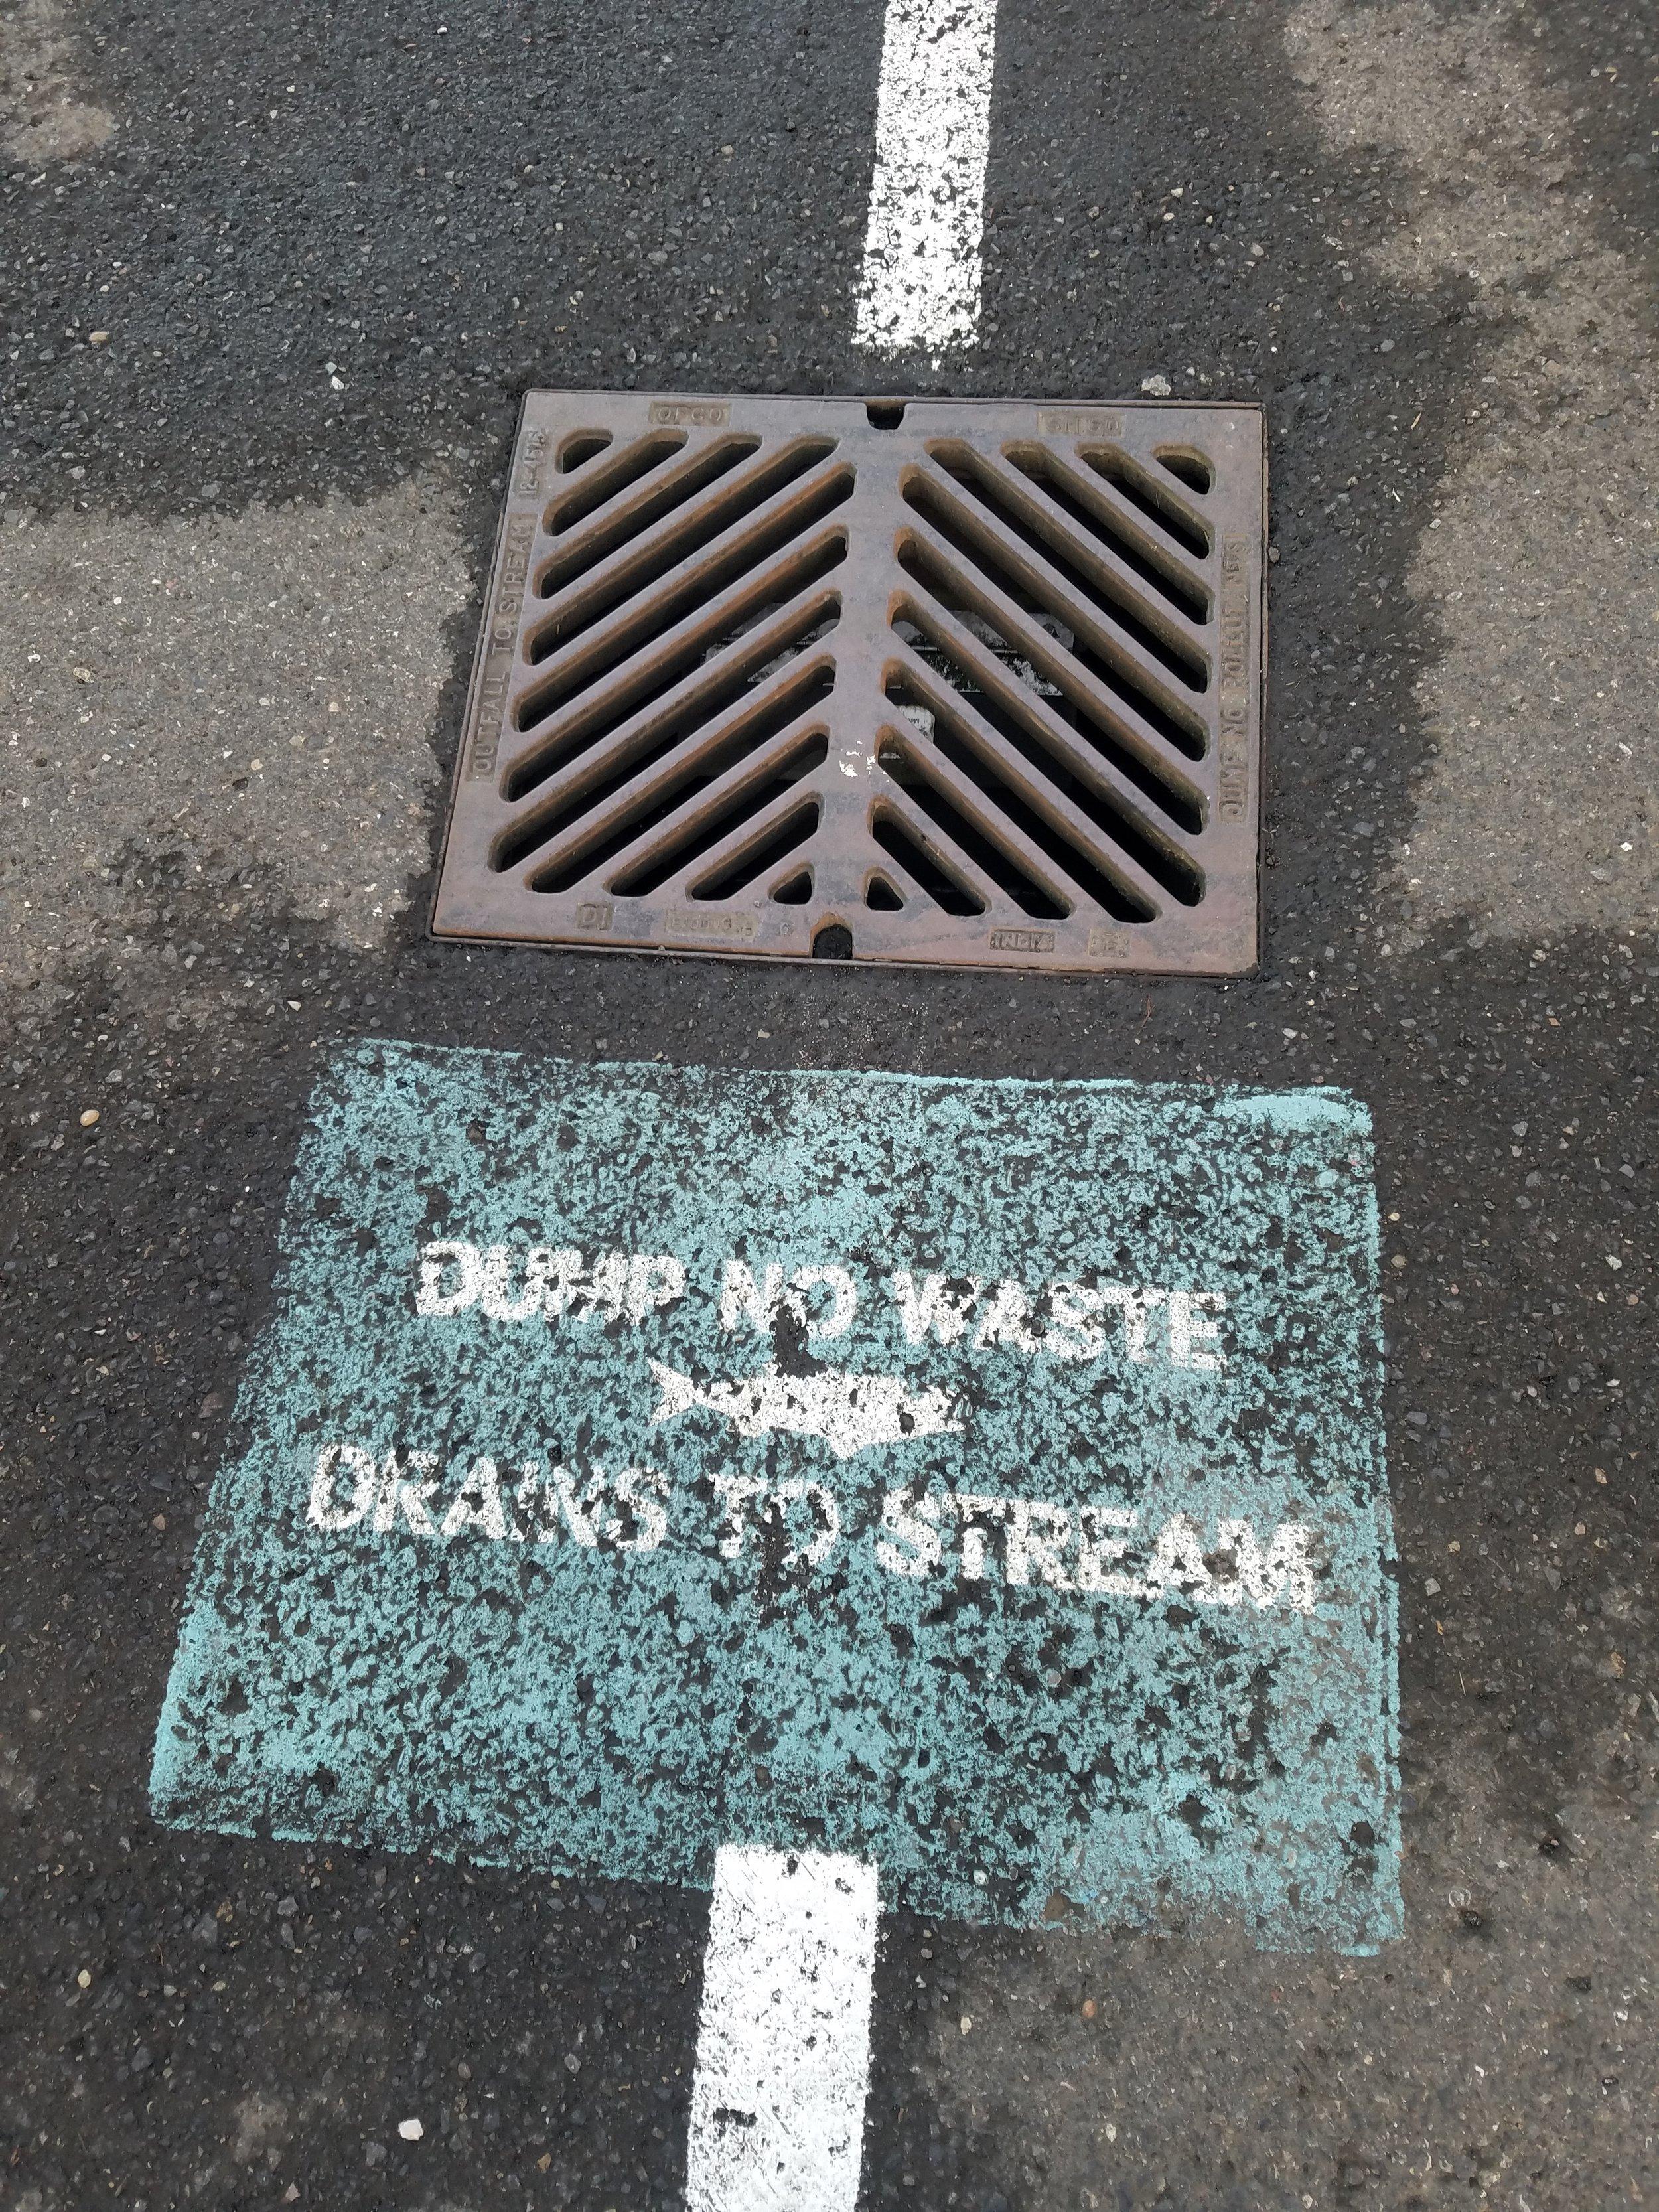 Storm drain grate